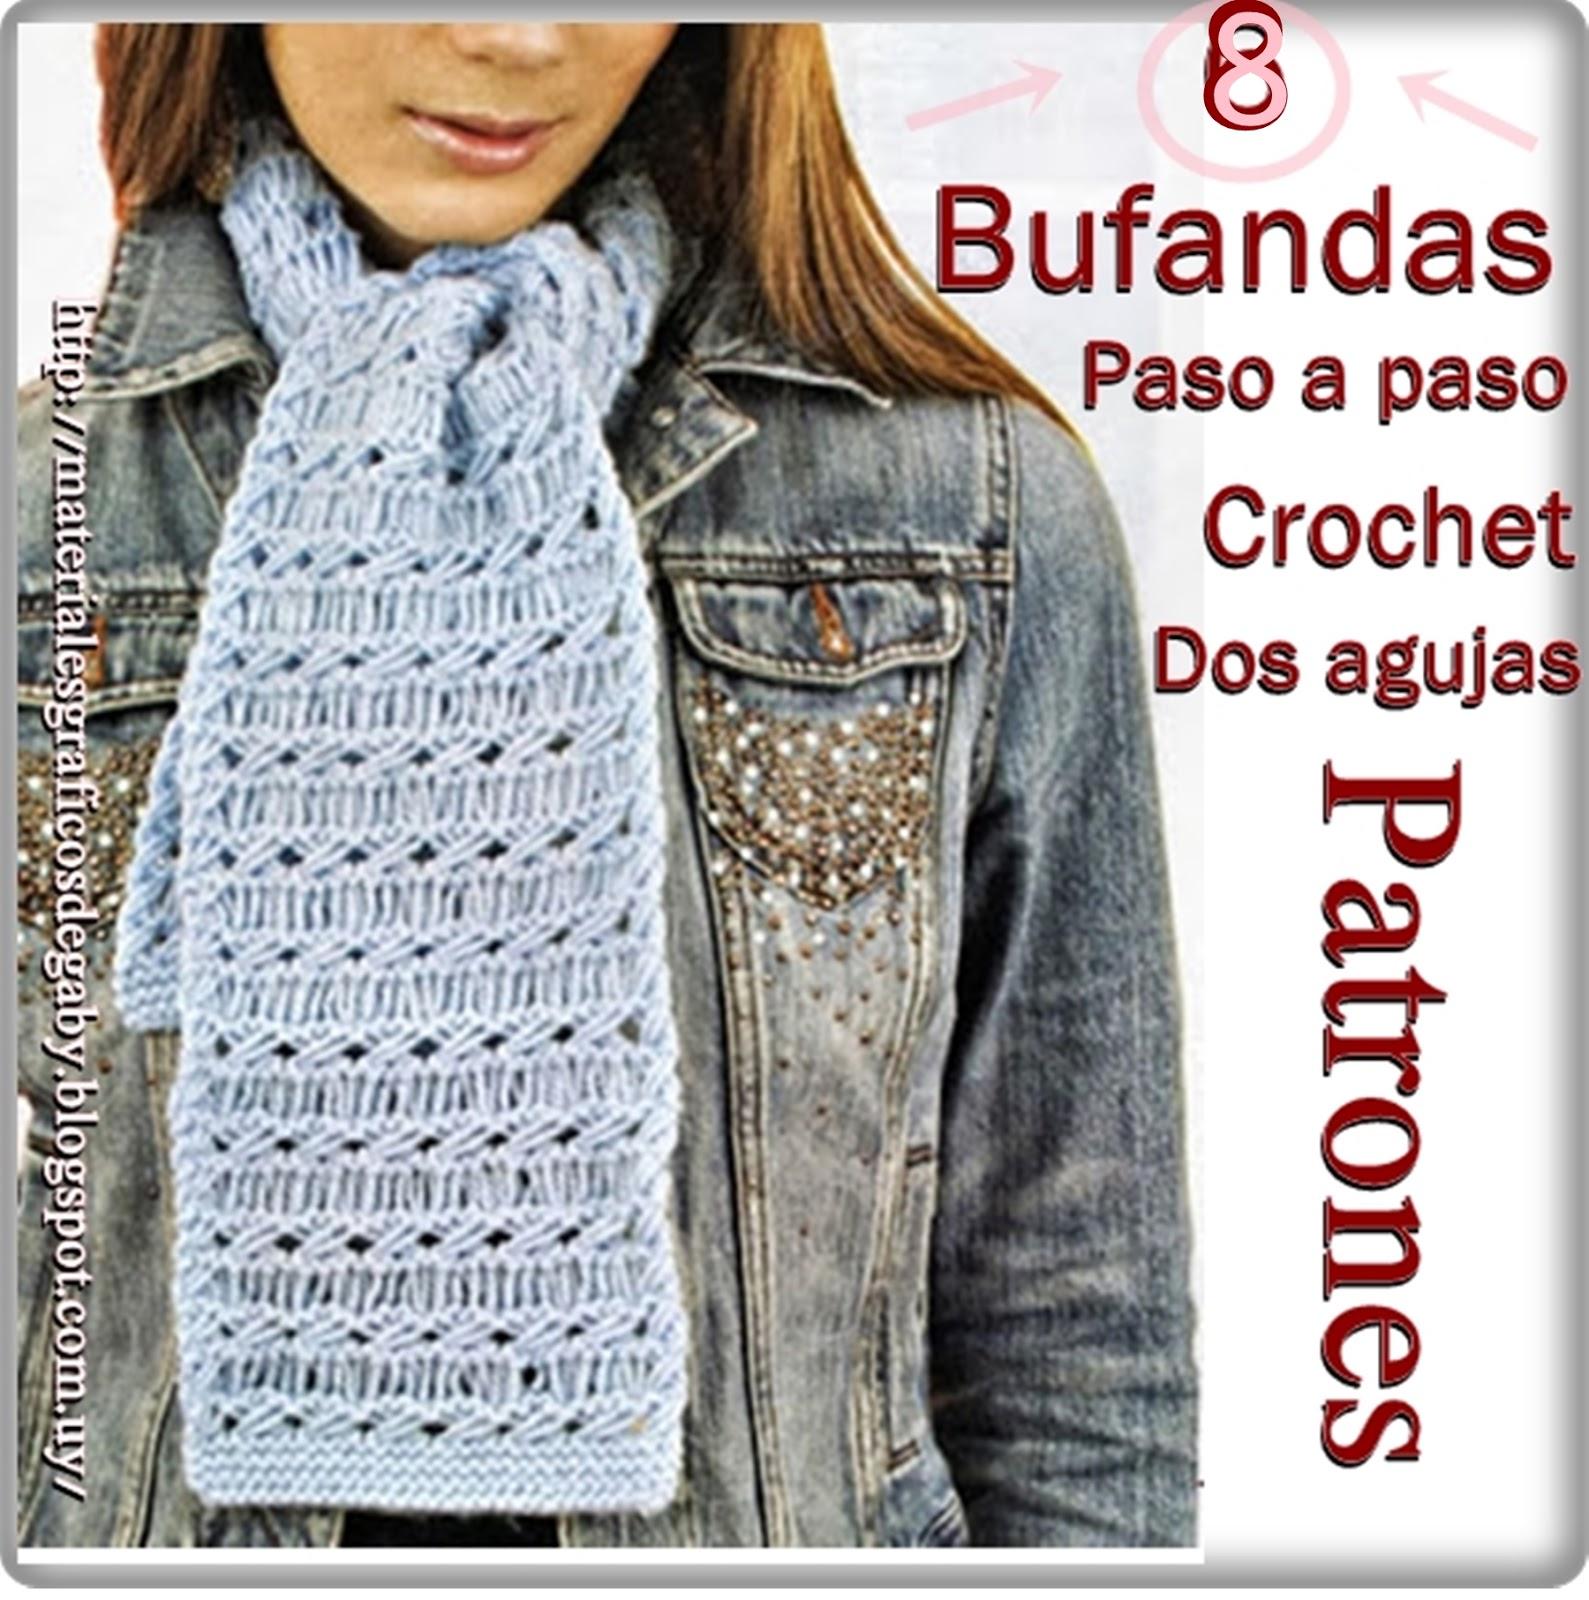 Lujo Cuello Vuelto Patrón De Confección De Bufandas Imagen - Manta ...